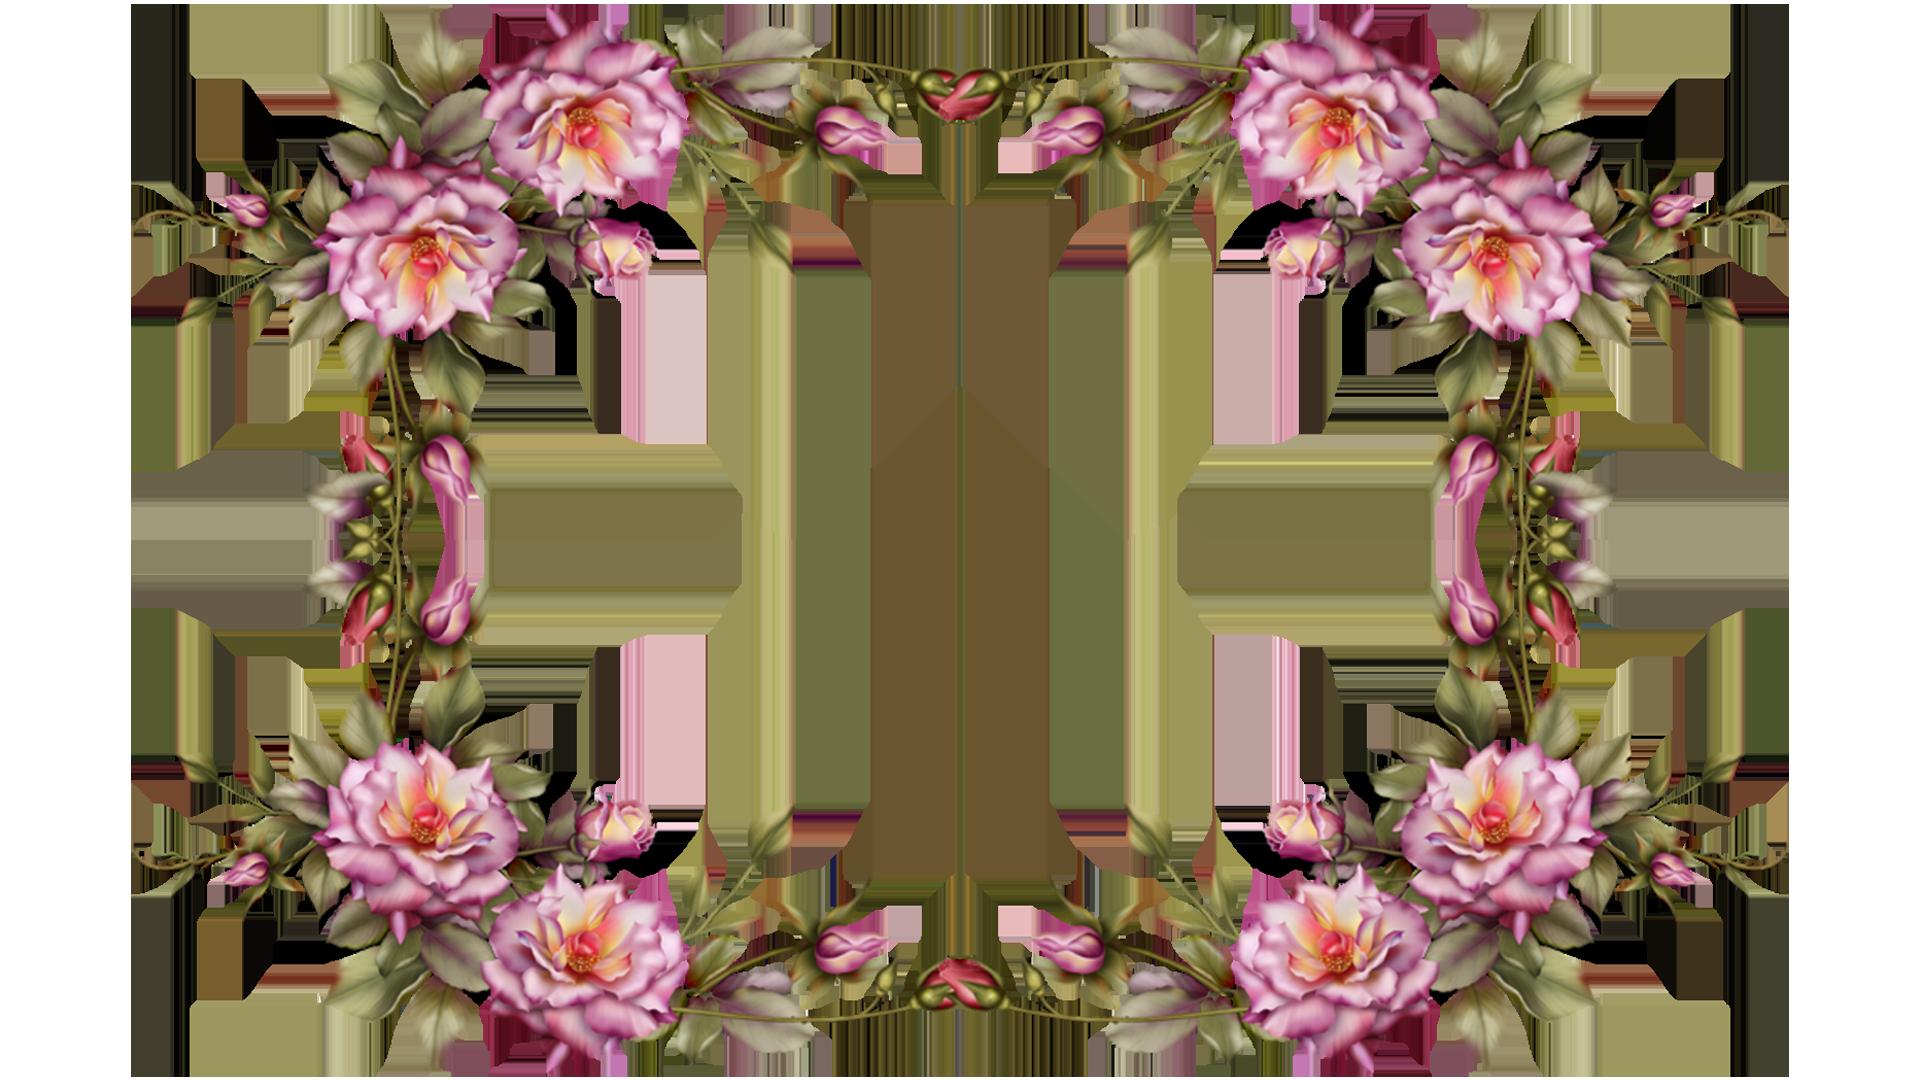 Png Rose 26 Tys Izobrazhenij Najdeno V Yandeks Kartinkah Flower Frame Flower Art Flower Border